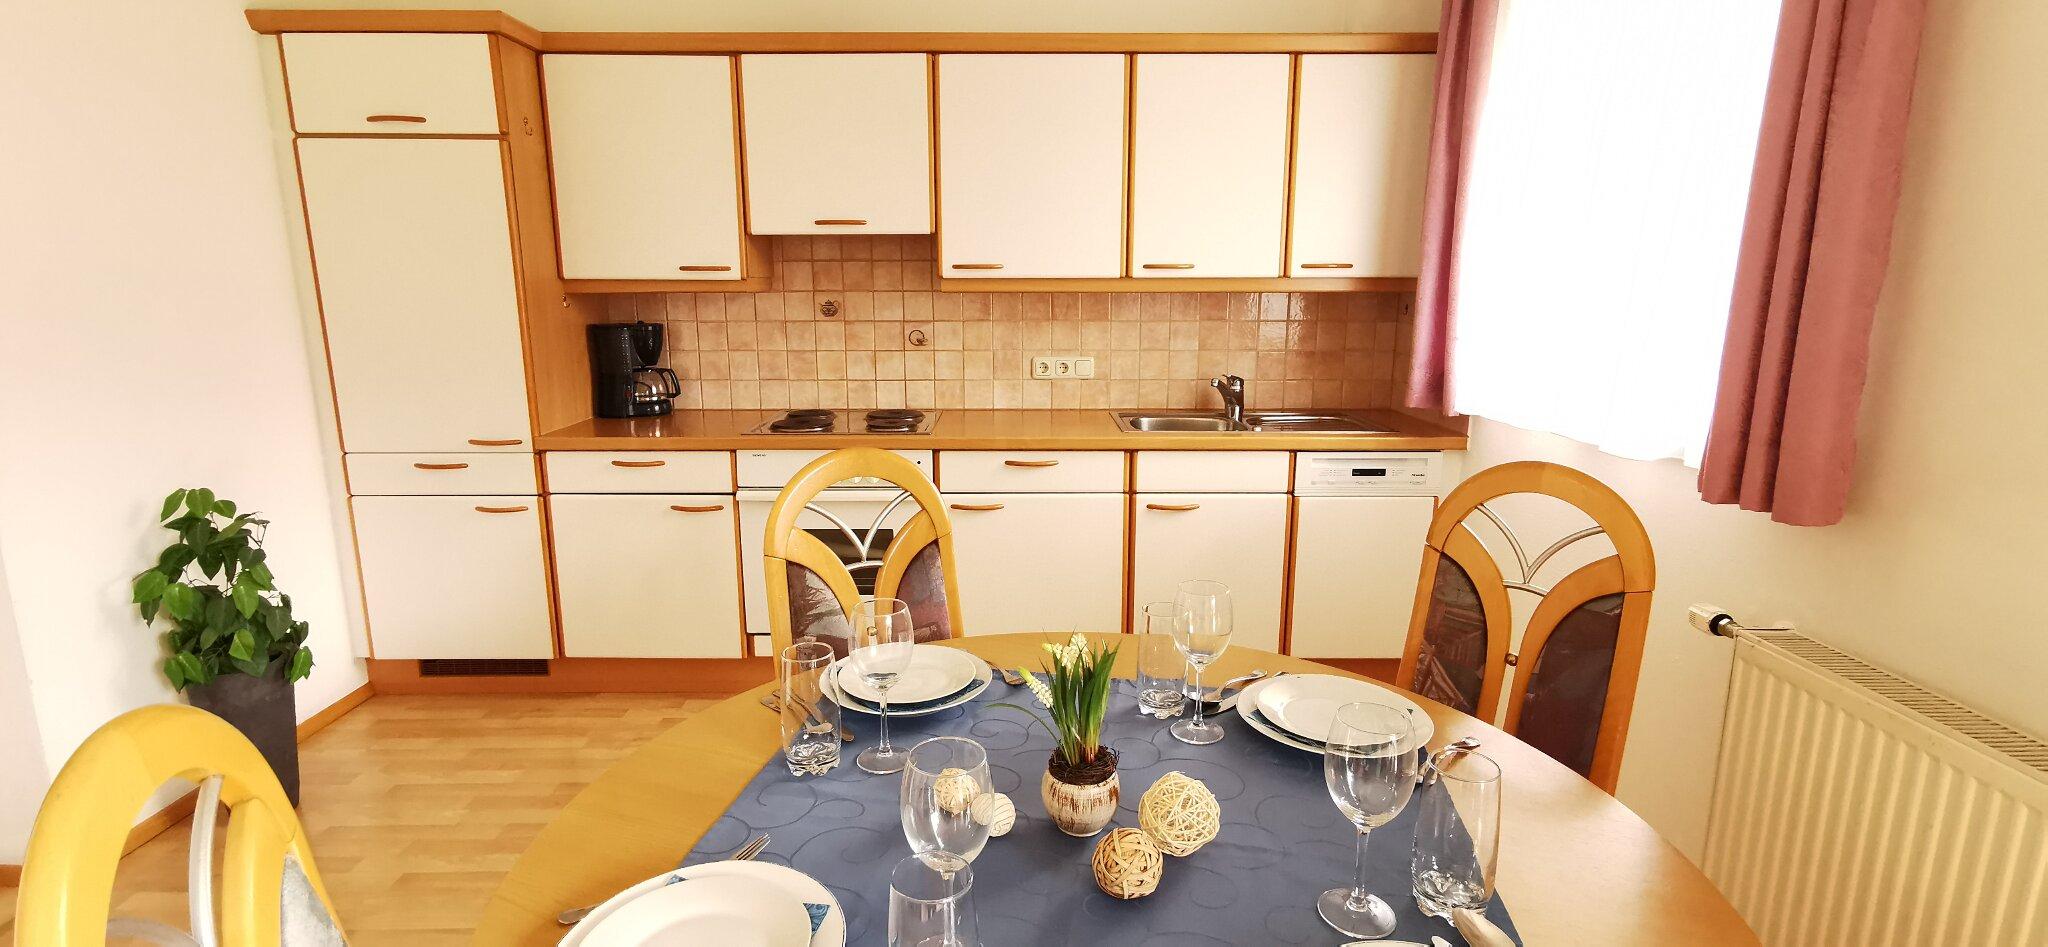 Küchen- Essbereich Typ B 4-6 Personen